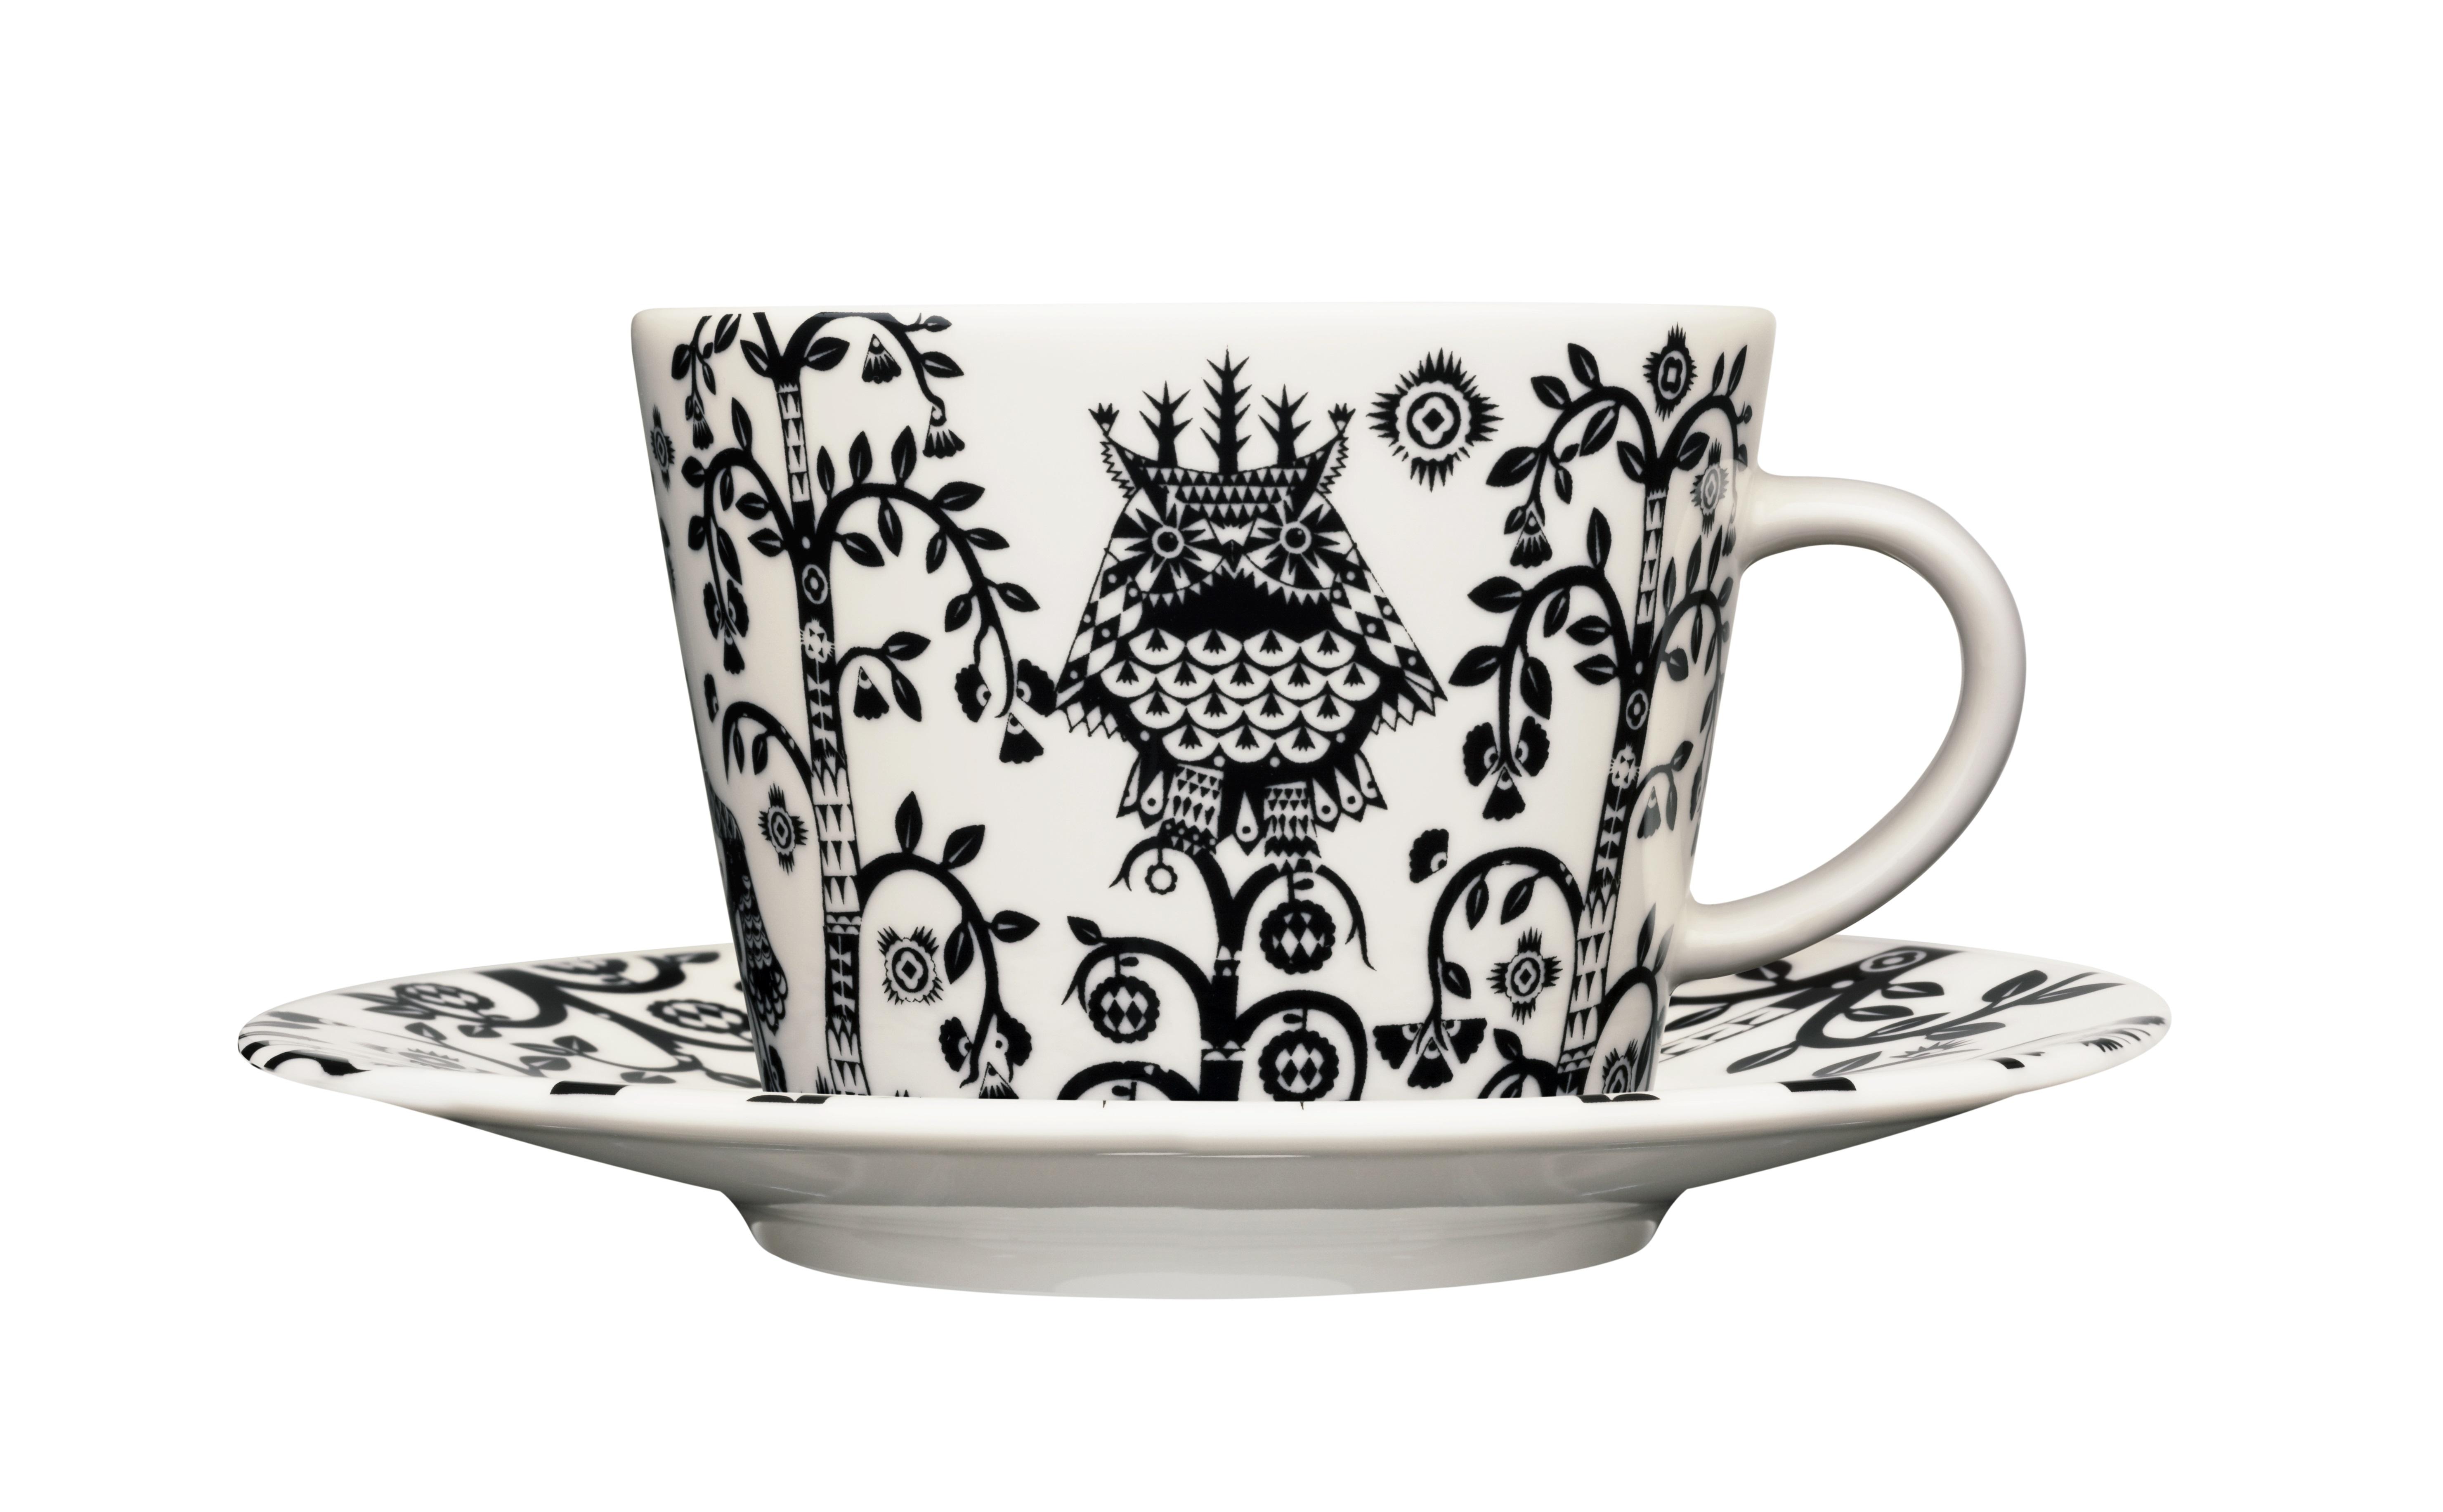 Чашка для кофе капучино TaikaЧайные пары, чашки и кружки<br>На финском языке Taika означает «волшебство». Знаменитый финиский дизайнер и иллюстратор Klaus Haapaniemi хочет, чтобы его иллюстрации дали толчок вашему воображению. В сочетании с другими сериями Iittala, Taika позволяет прикоснуться к миру фантазии, впустить волшебство в нашу повседневную жизнь.<br><br>Material: Фарфор<br>Ширина см: 10<br>Высота см: 6<br>Глубина см: 9